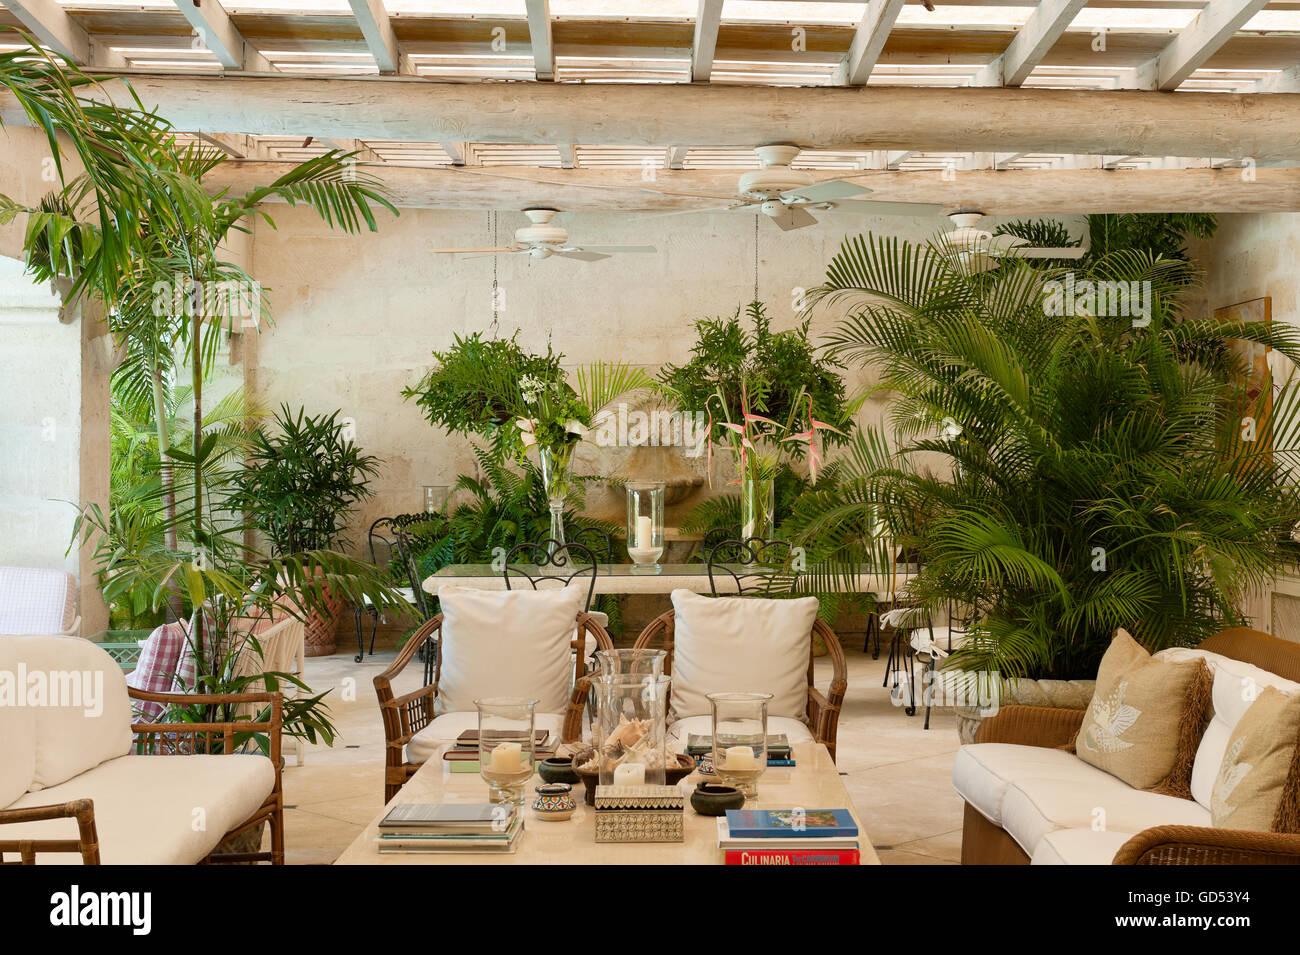 Grandi felci e mobili in bambù nella veranda di Leamington House villa coloniale, Barbados Immagini Stock